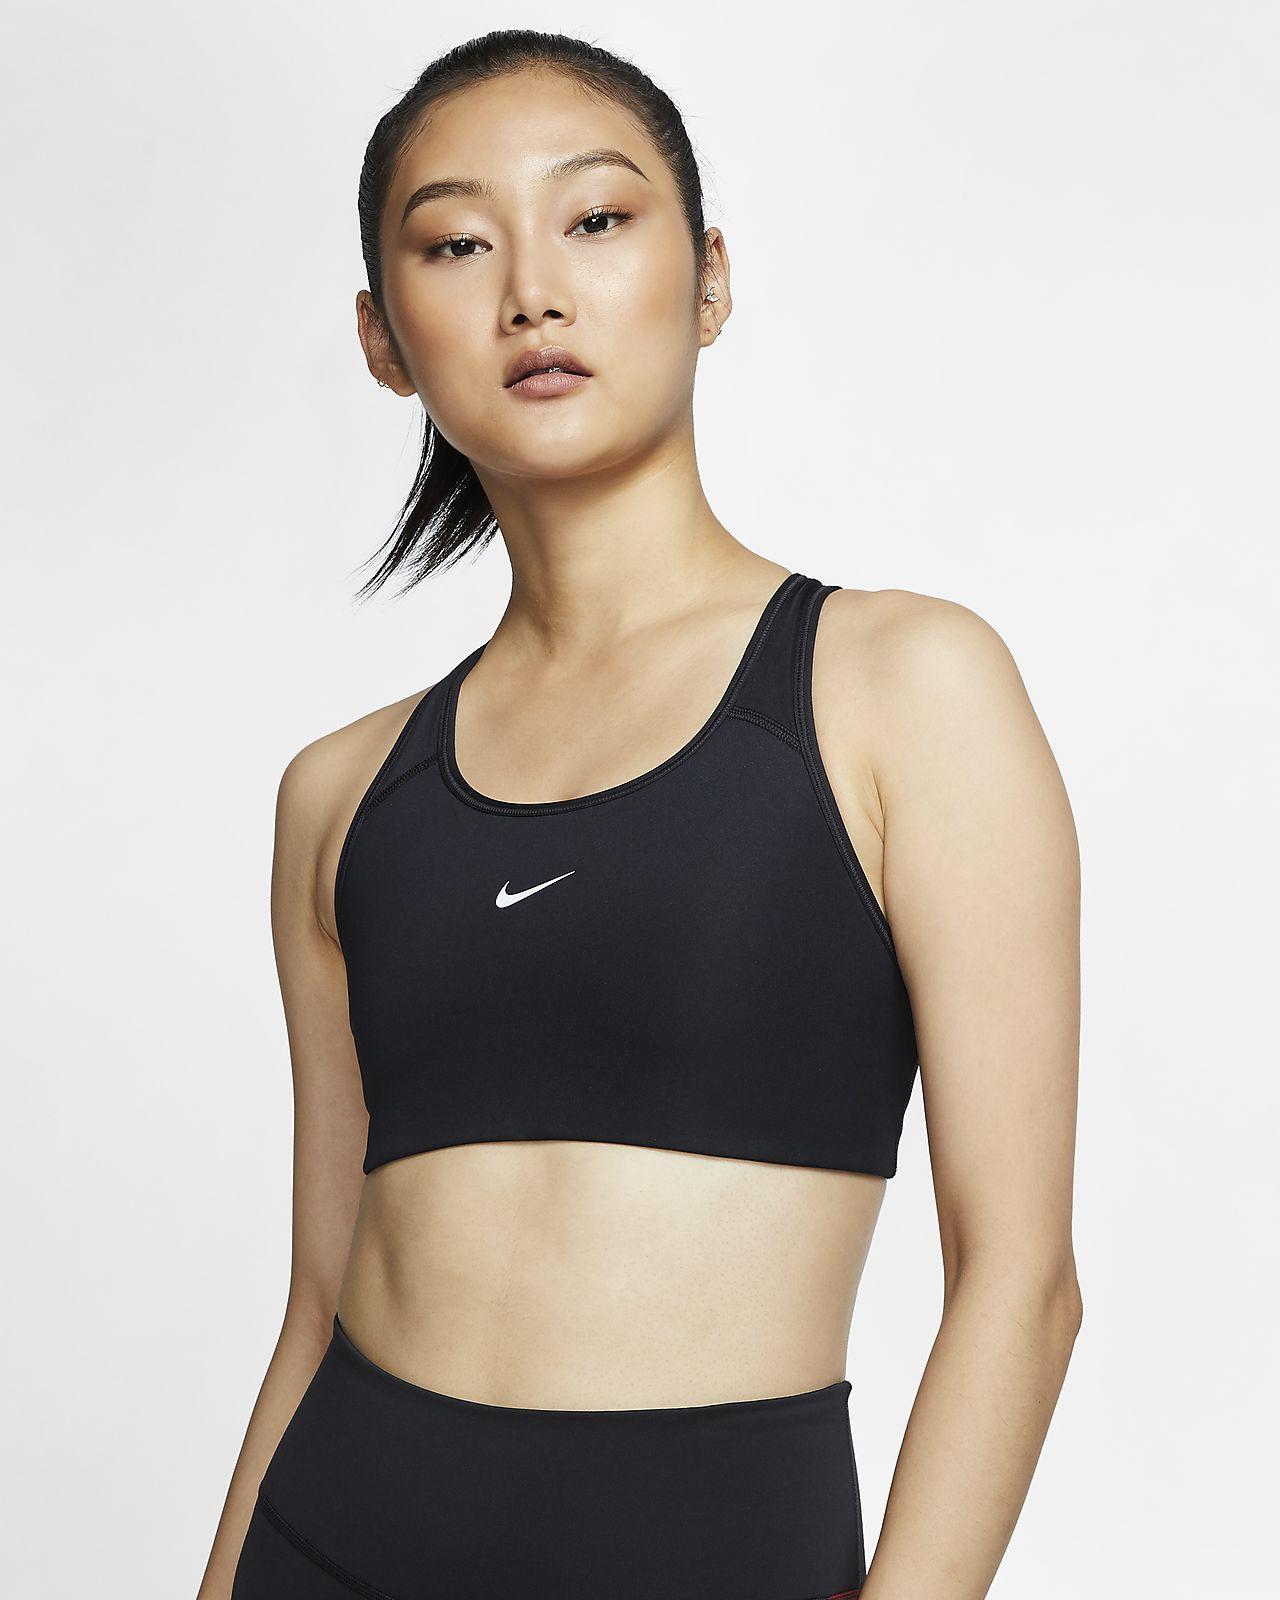 Bra imbottito a sostegno medio Nike Swoosh - Donna